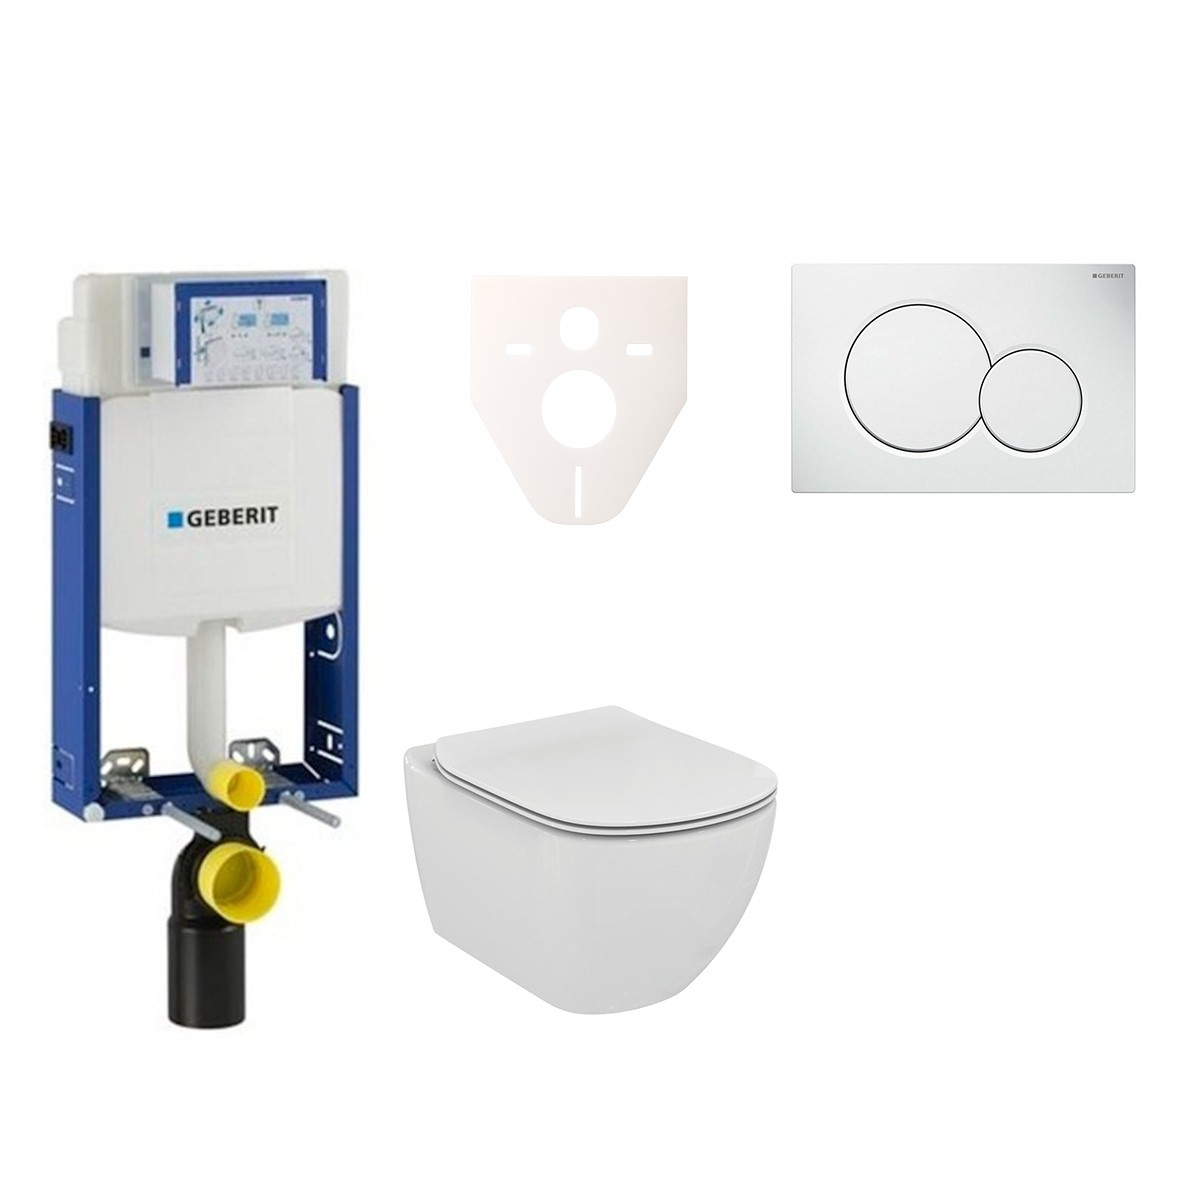 Závěsný set WC Ideal Standard Tesi + modul Geberit Kombifix s tlačítkem Sigma 01 (bílé) 110.302.00.5 NF1